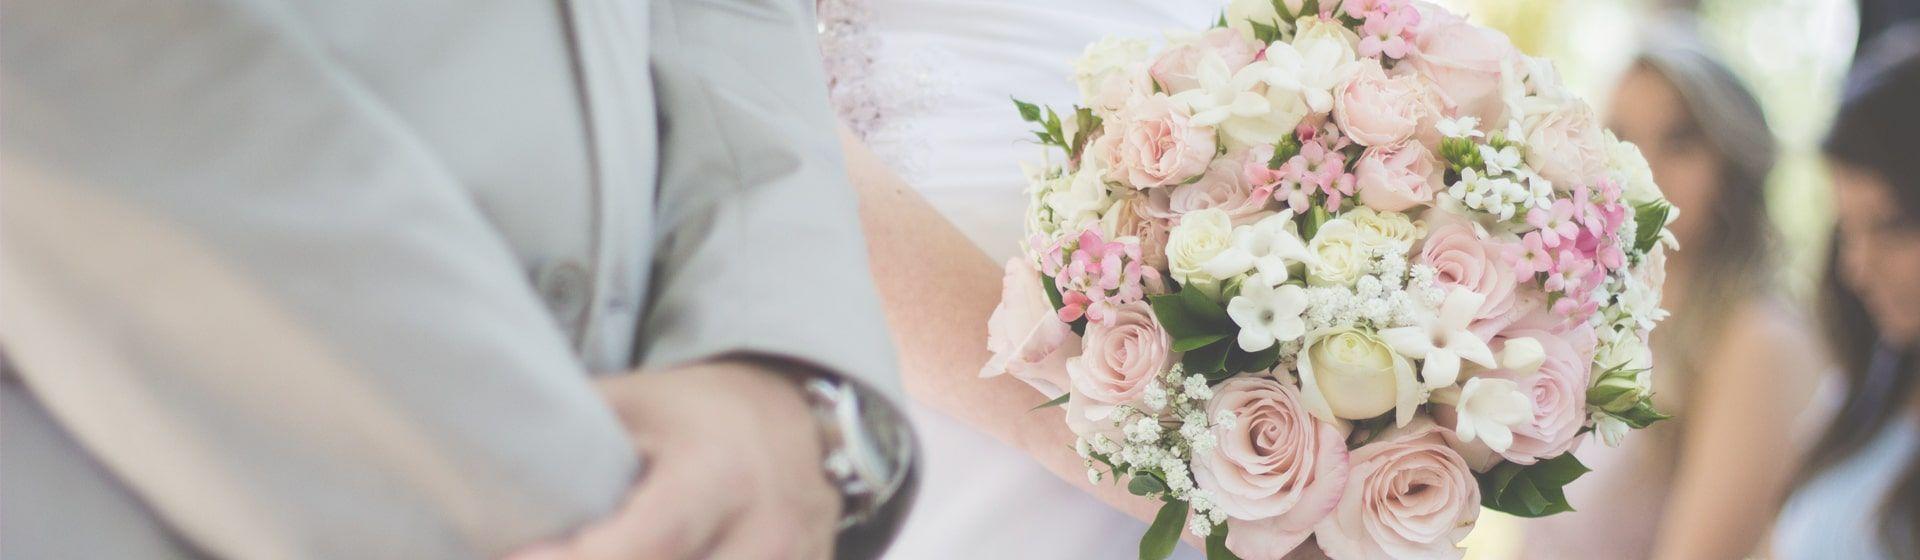 Ehevertrag nachträglich abschließen